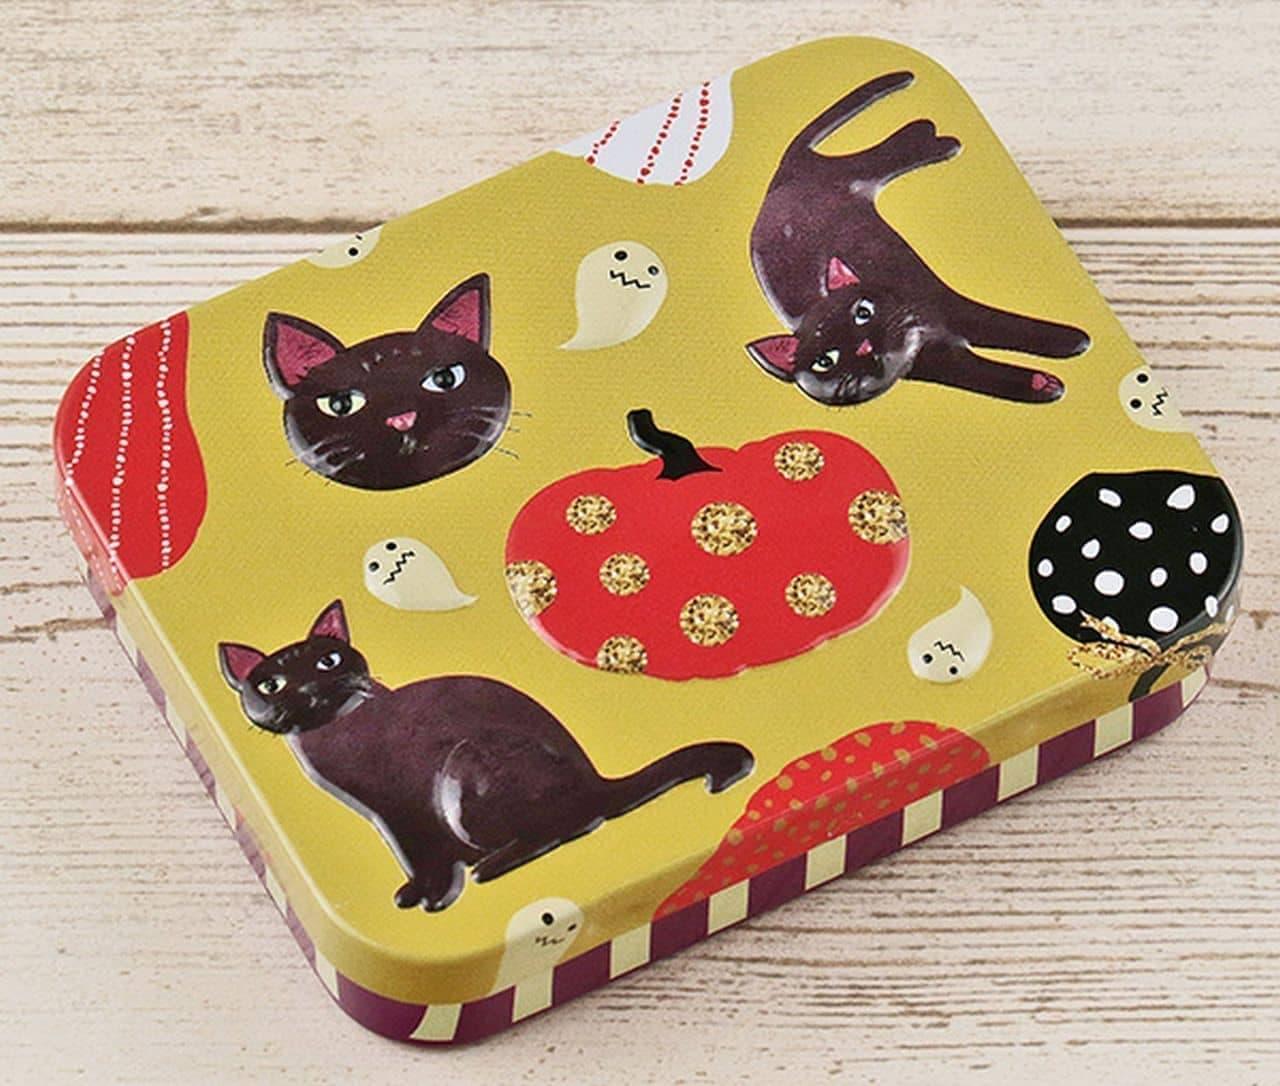 カルディ「カルディオリジナル ハロウィンミニ缶 黒猫」